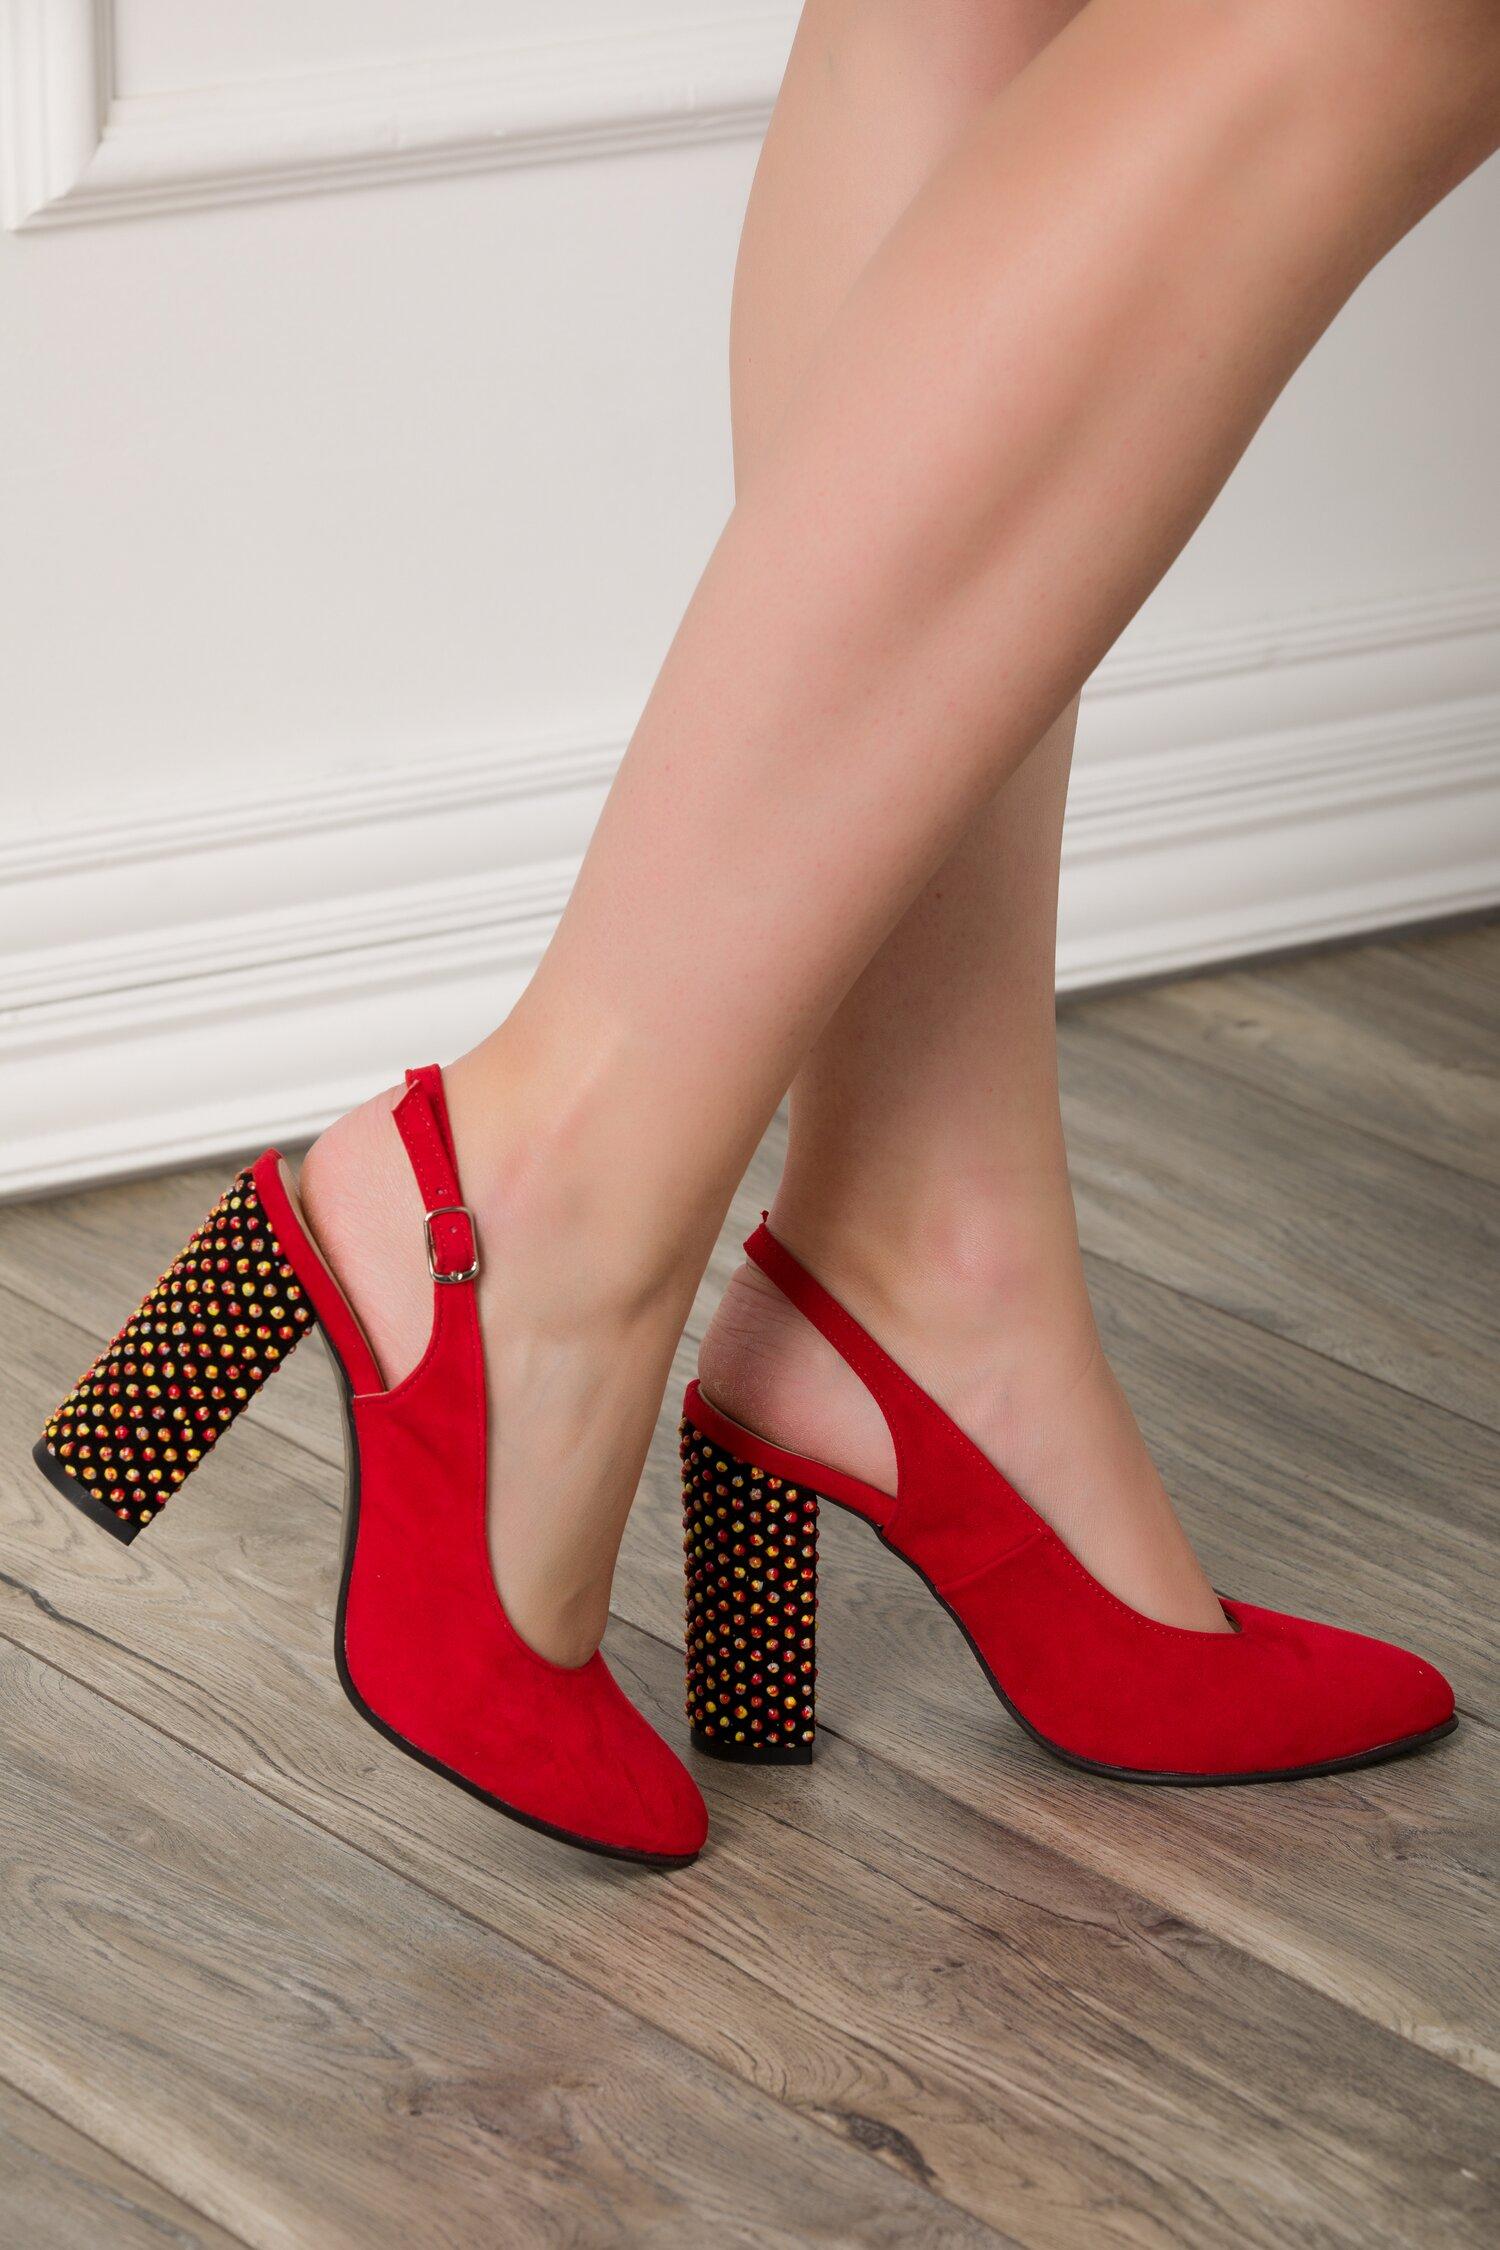 Pantofi rosii din piele intoarsa cu sfere 3D pe toc imagine